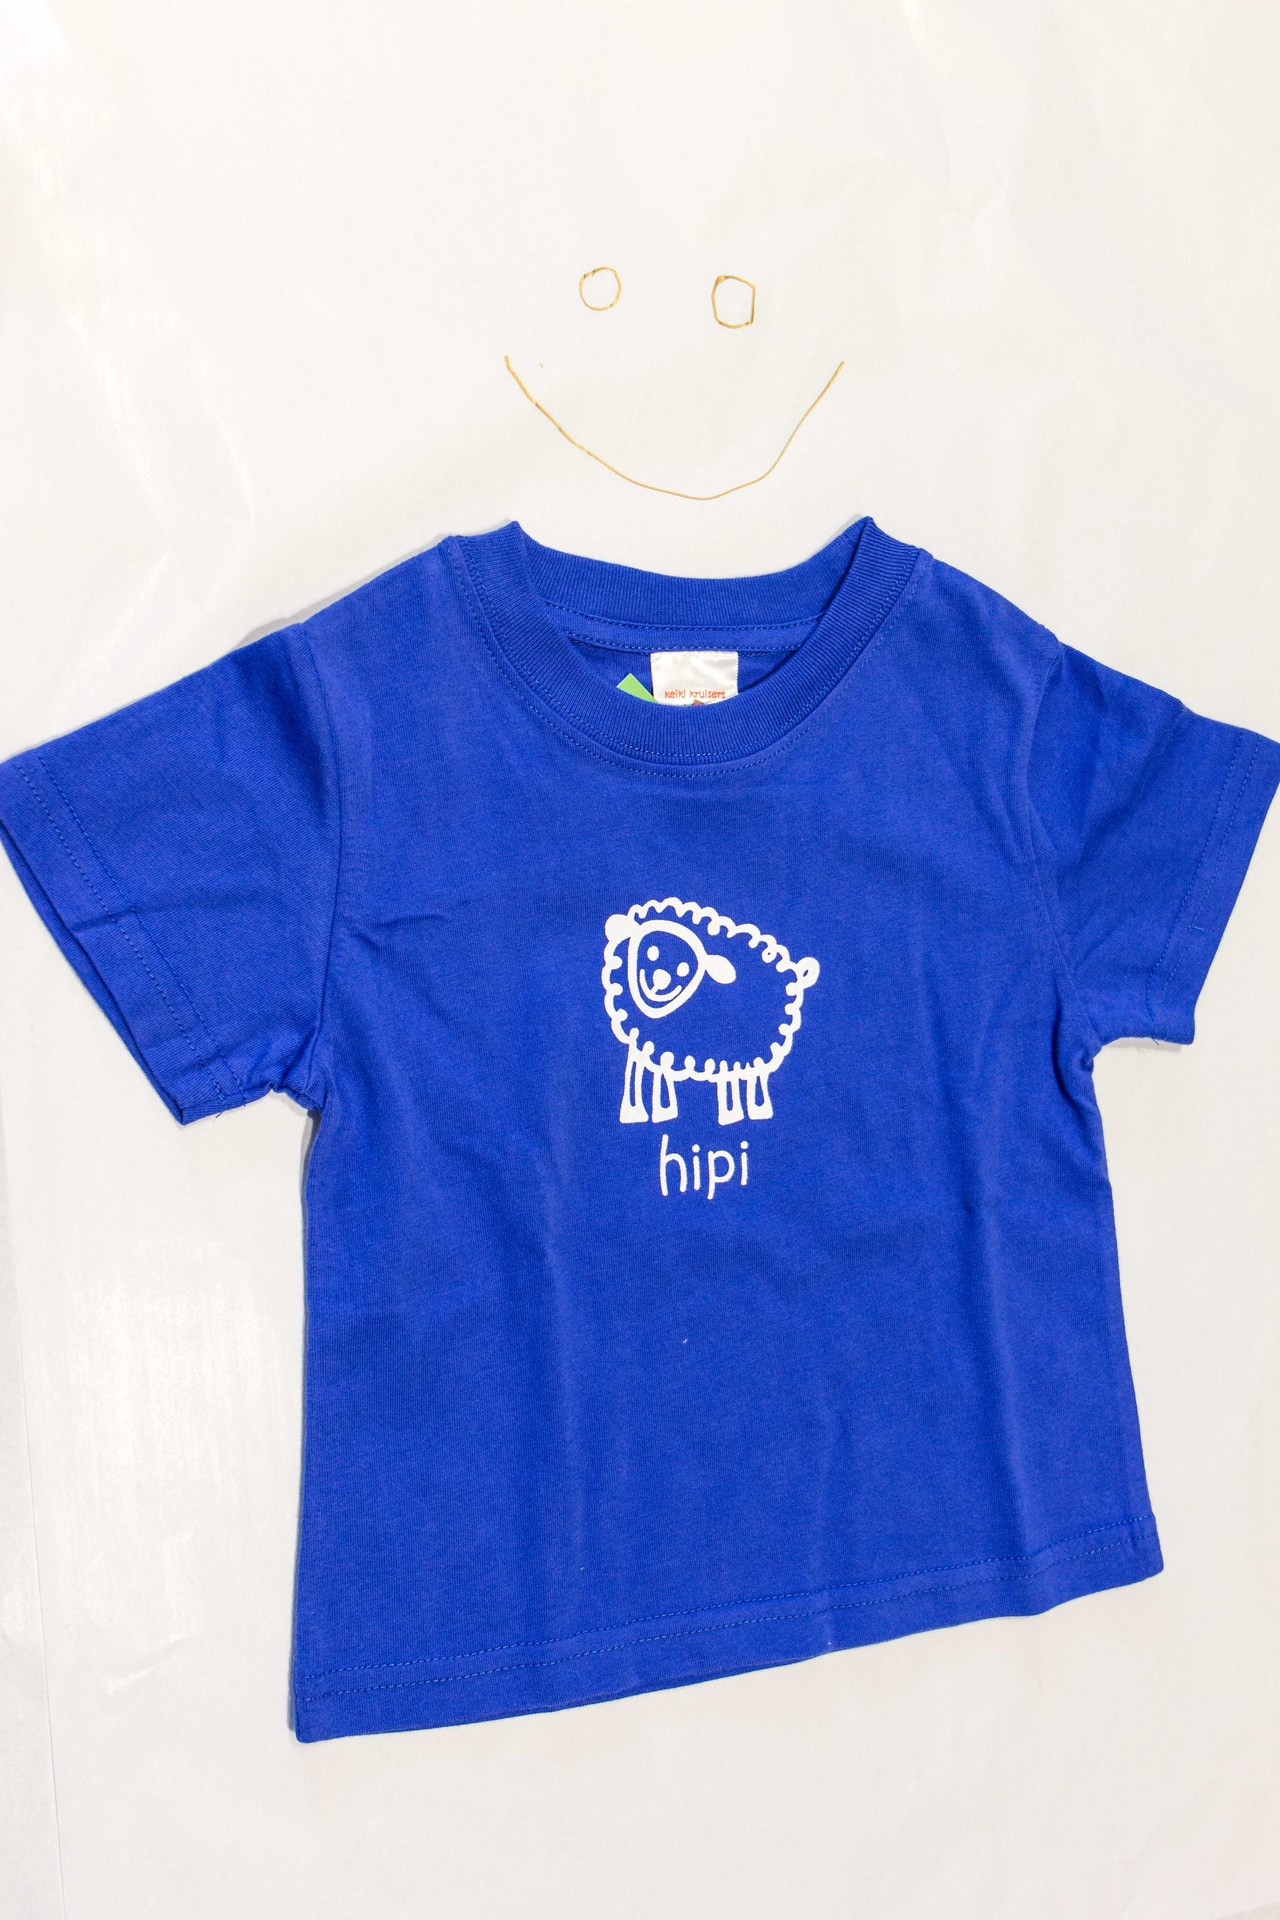 Hipi Sheep Tshirt 2yr